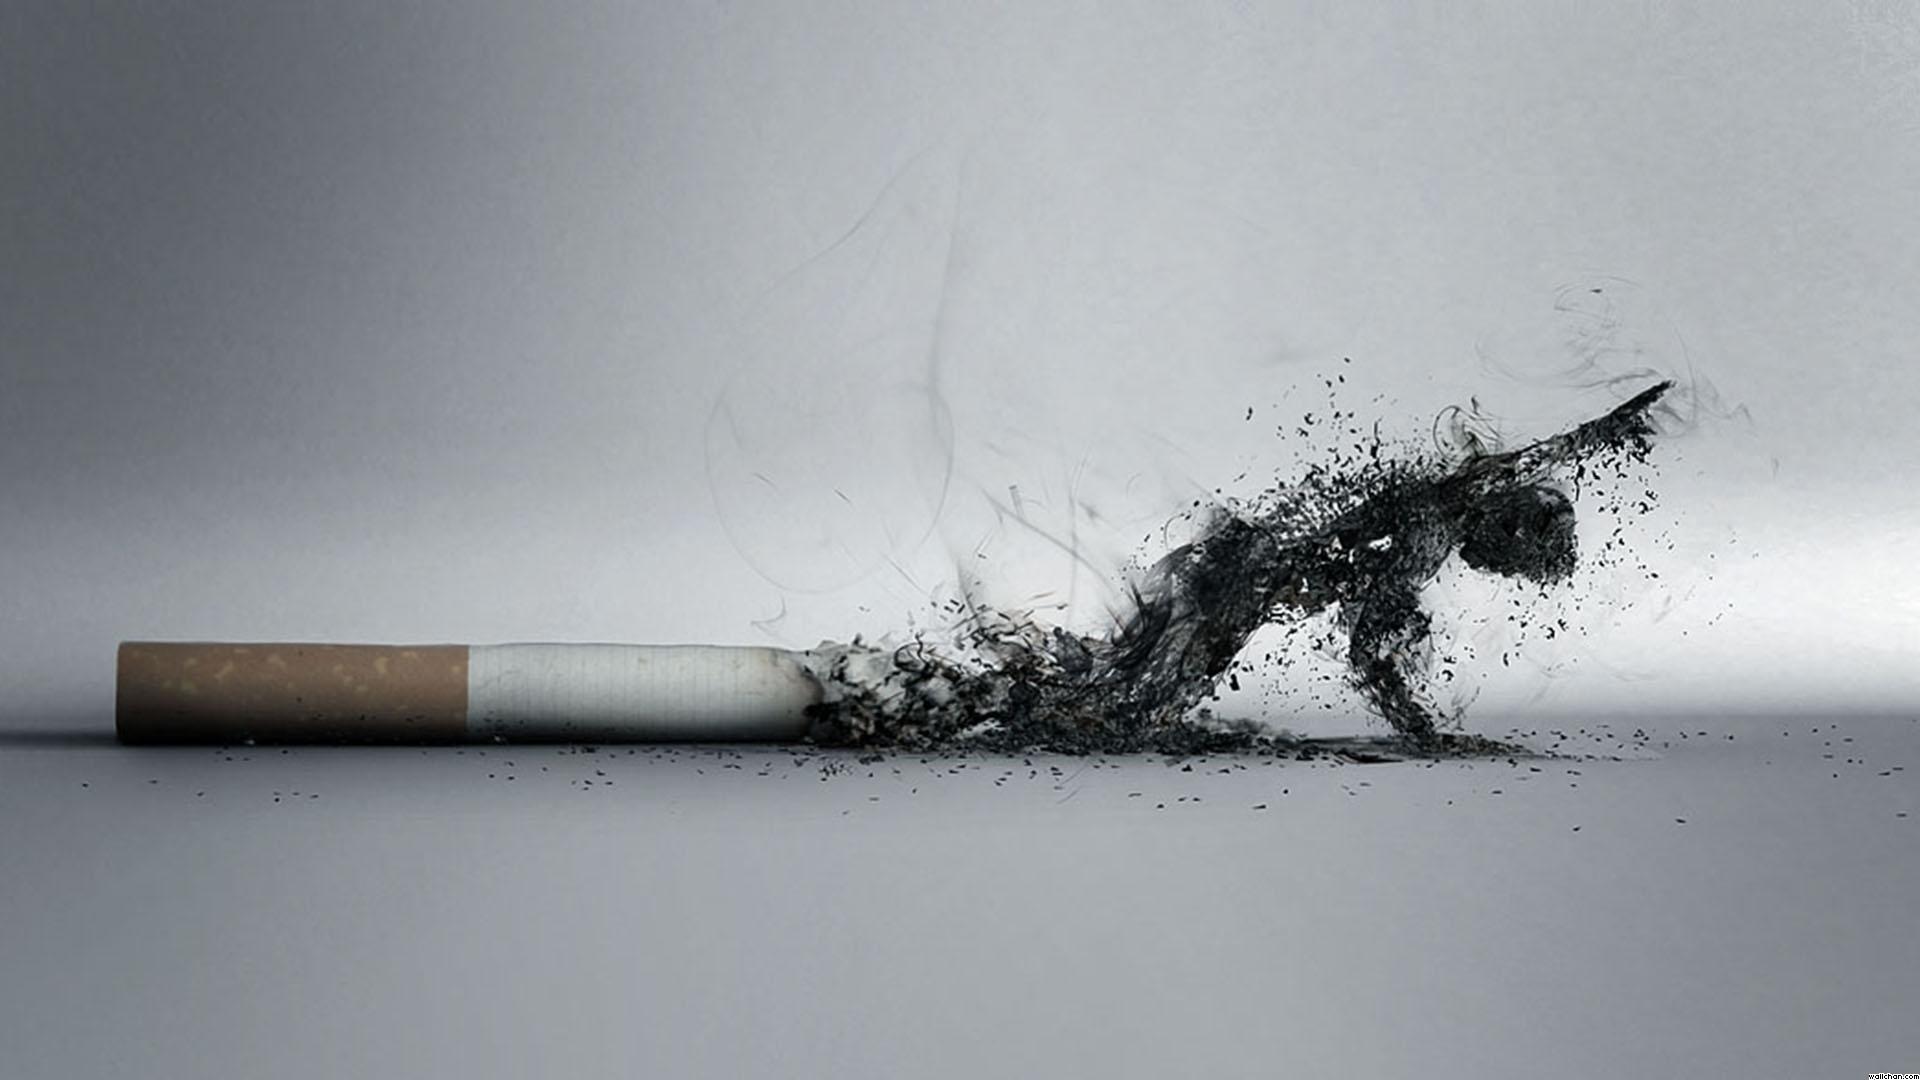 Πως δεν θα παχύνετε αν κόψετε το τσιγάρο